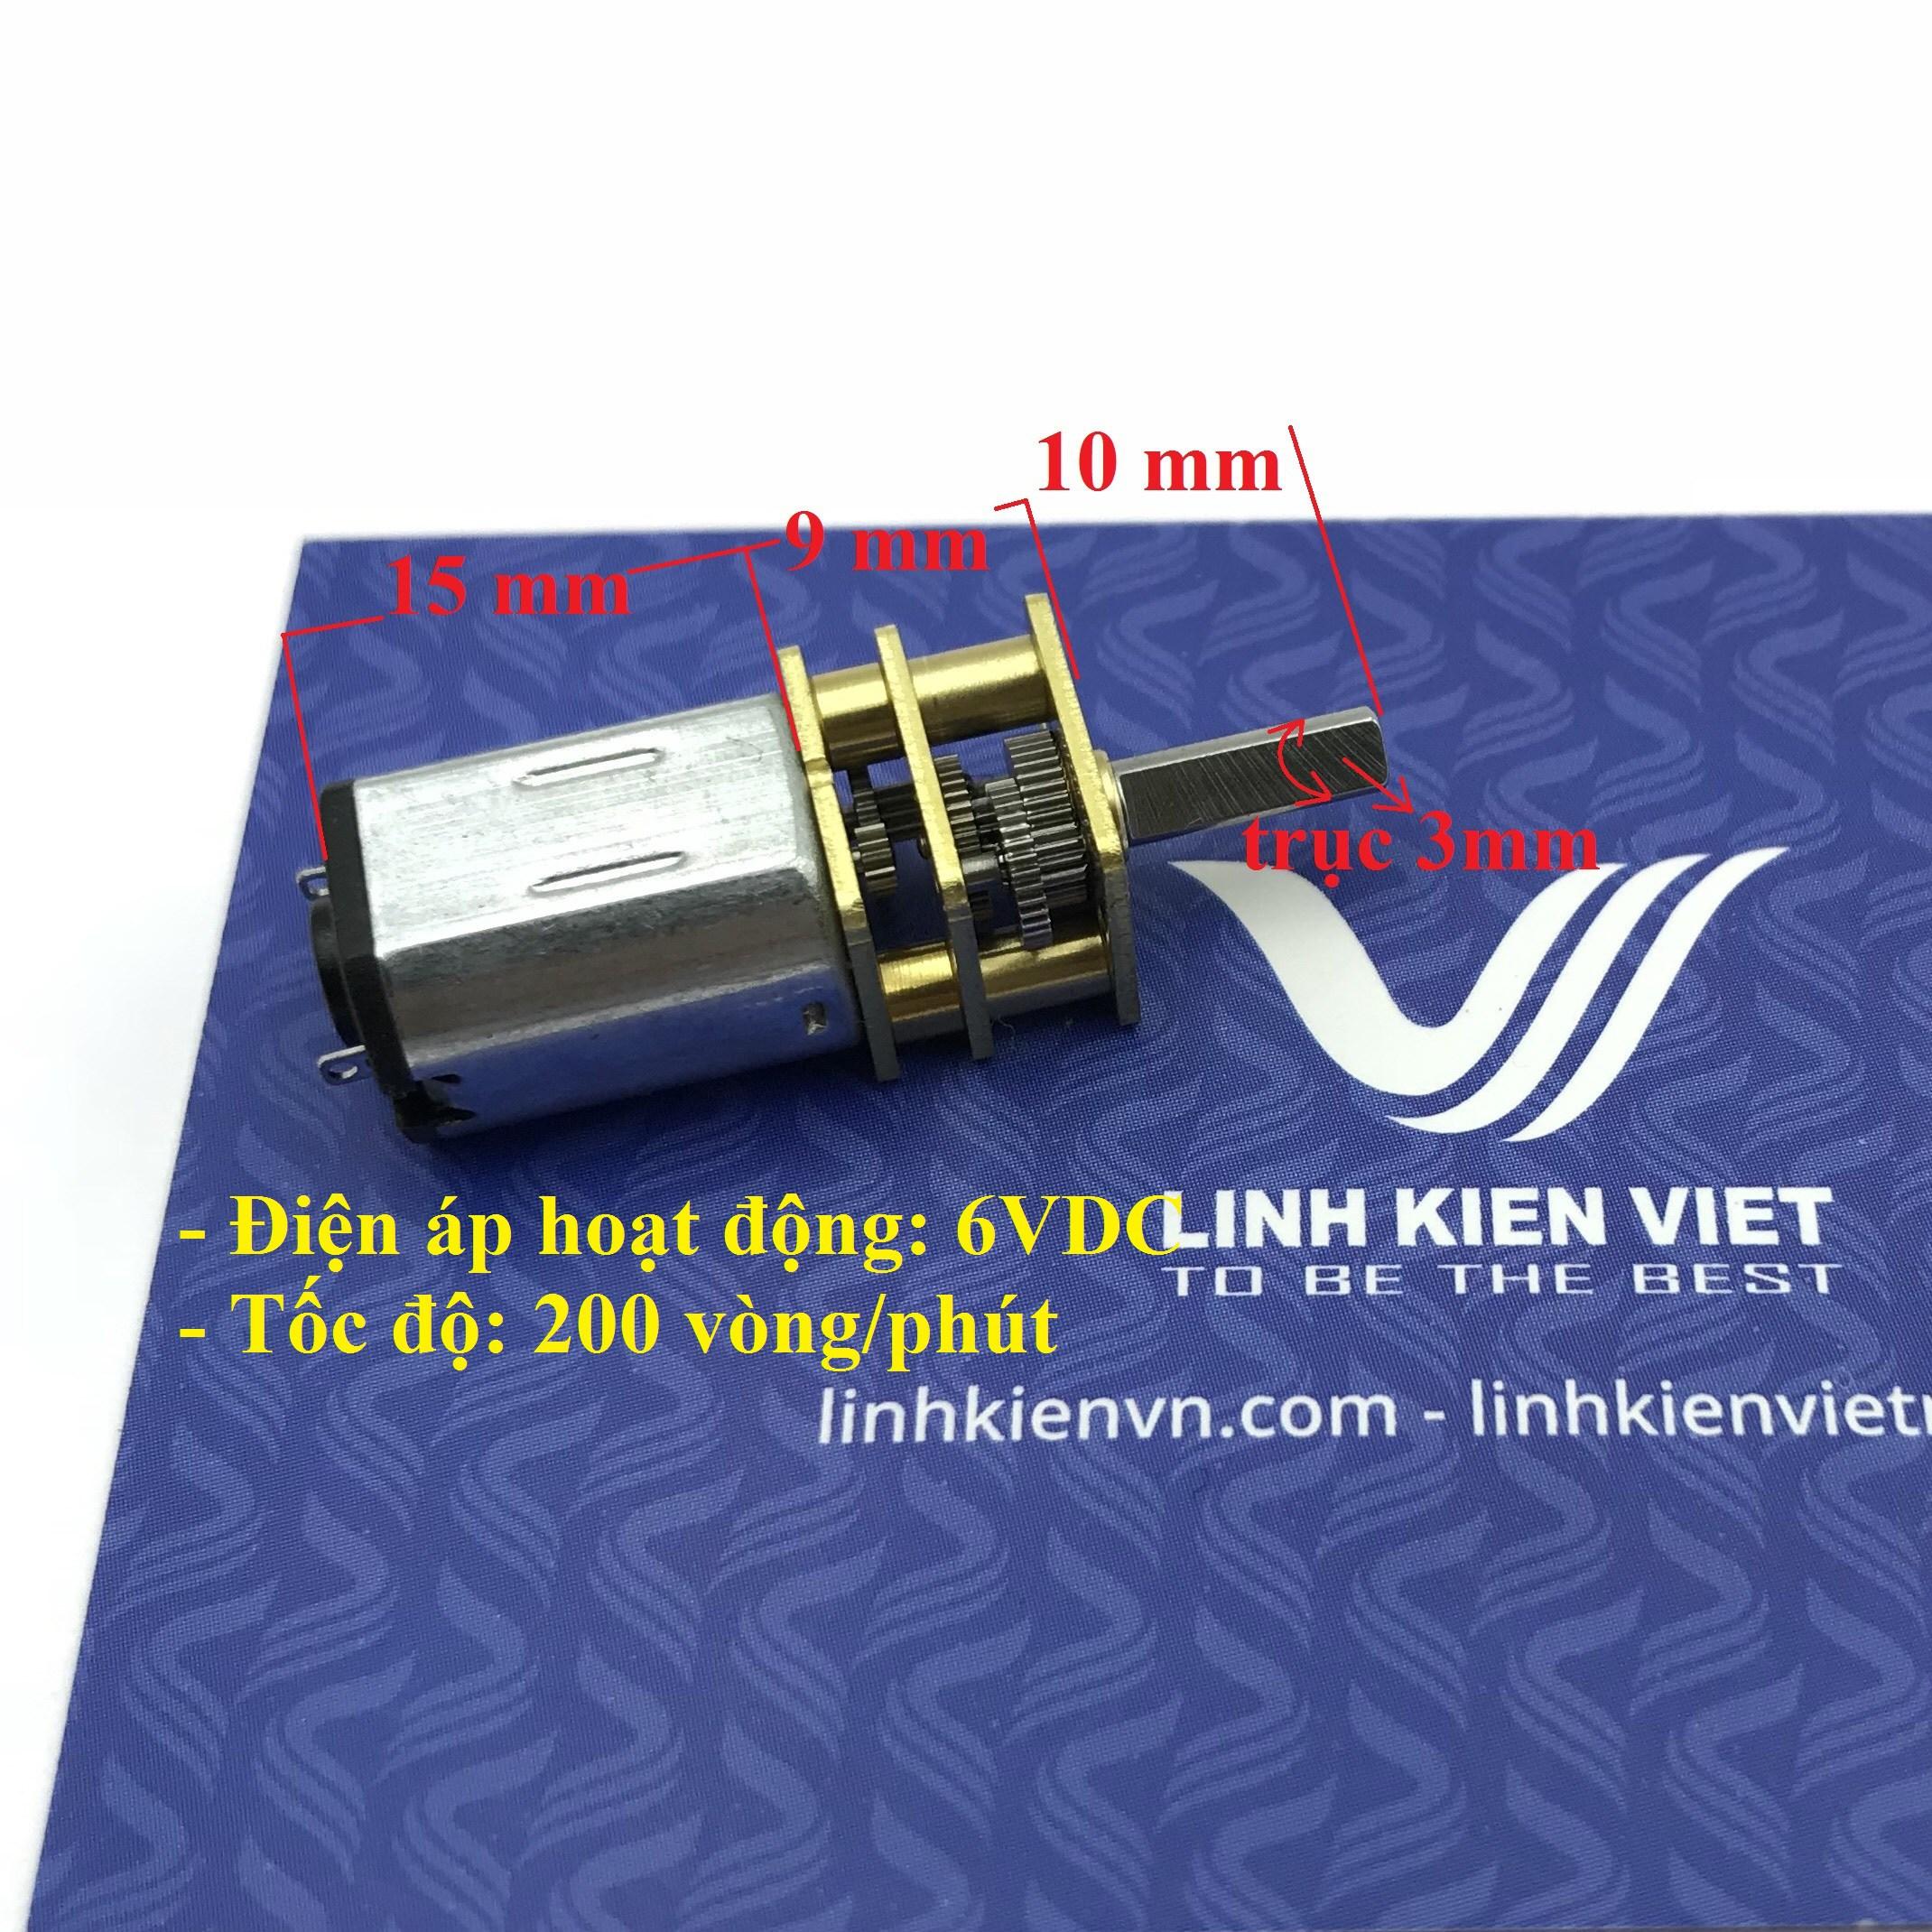 Động cơ giảm tốc GA12-N20 6V 200 vòng/phút - I7H1